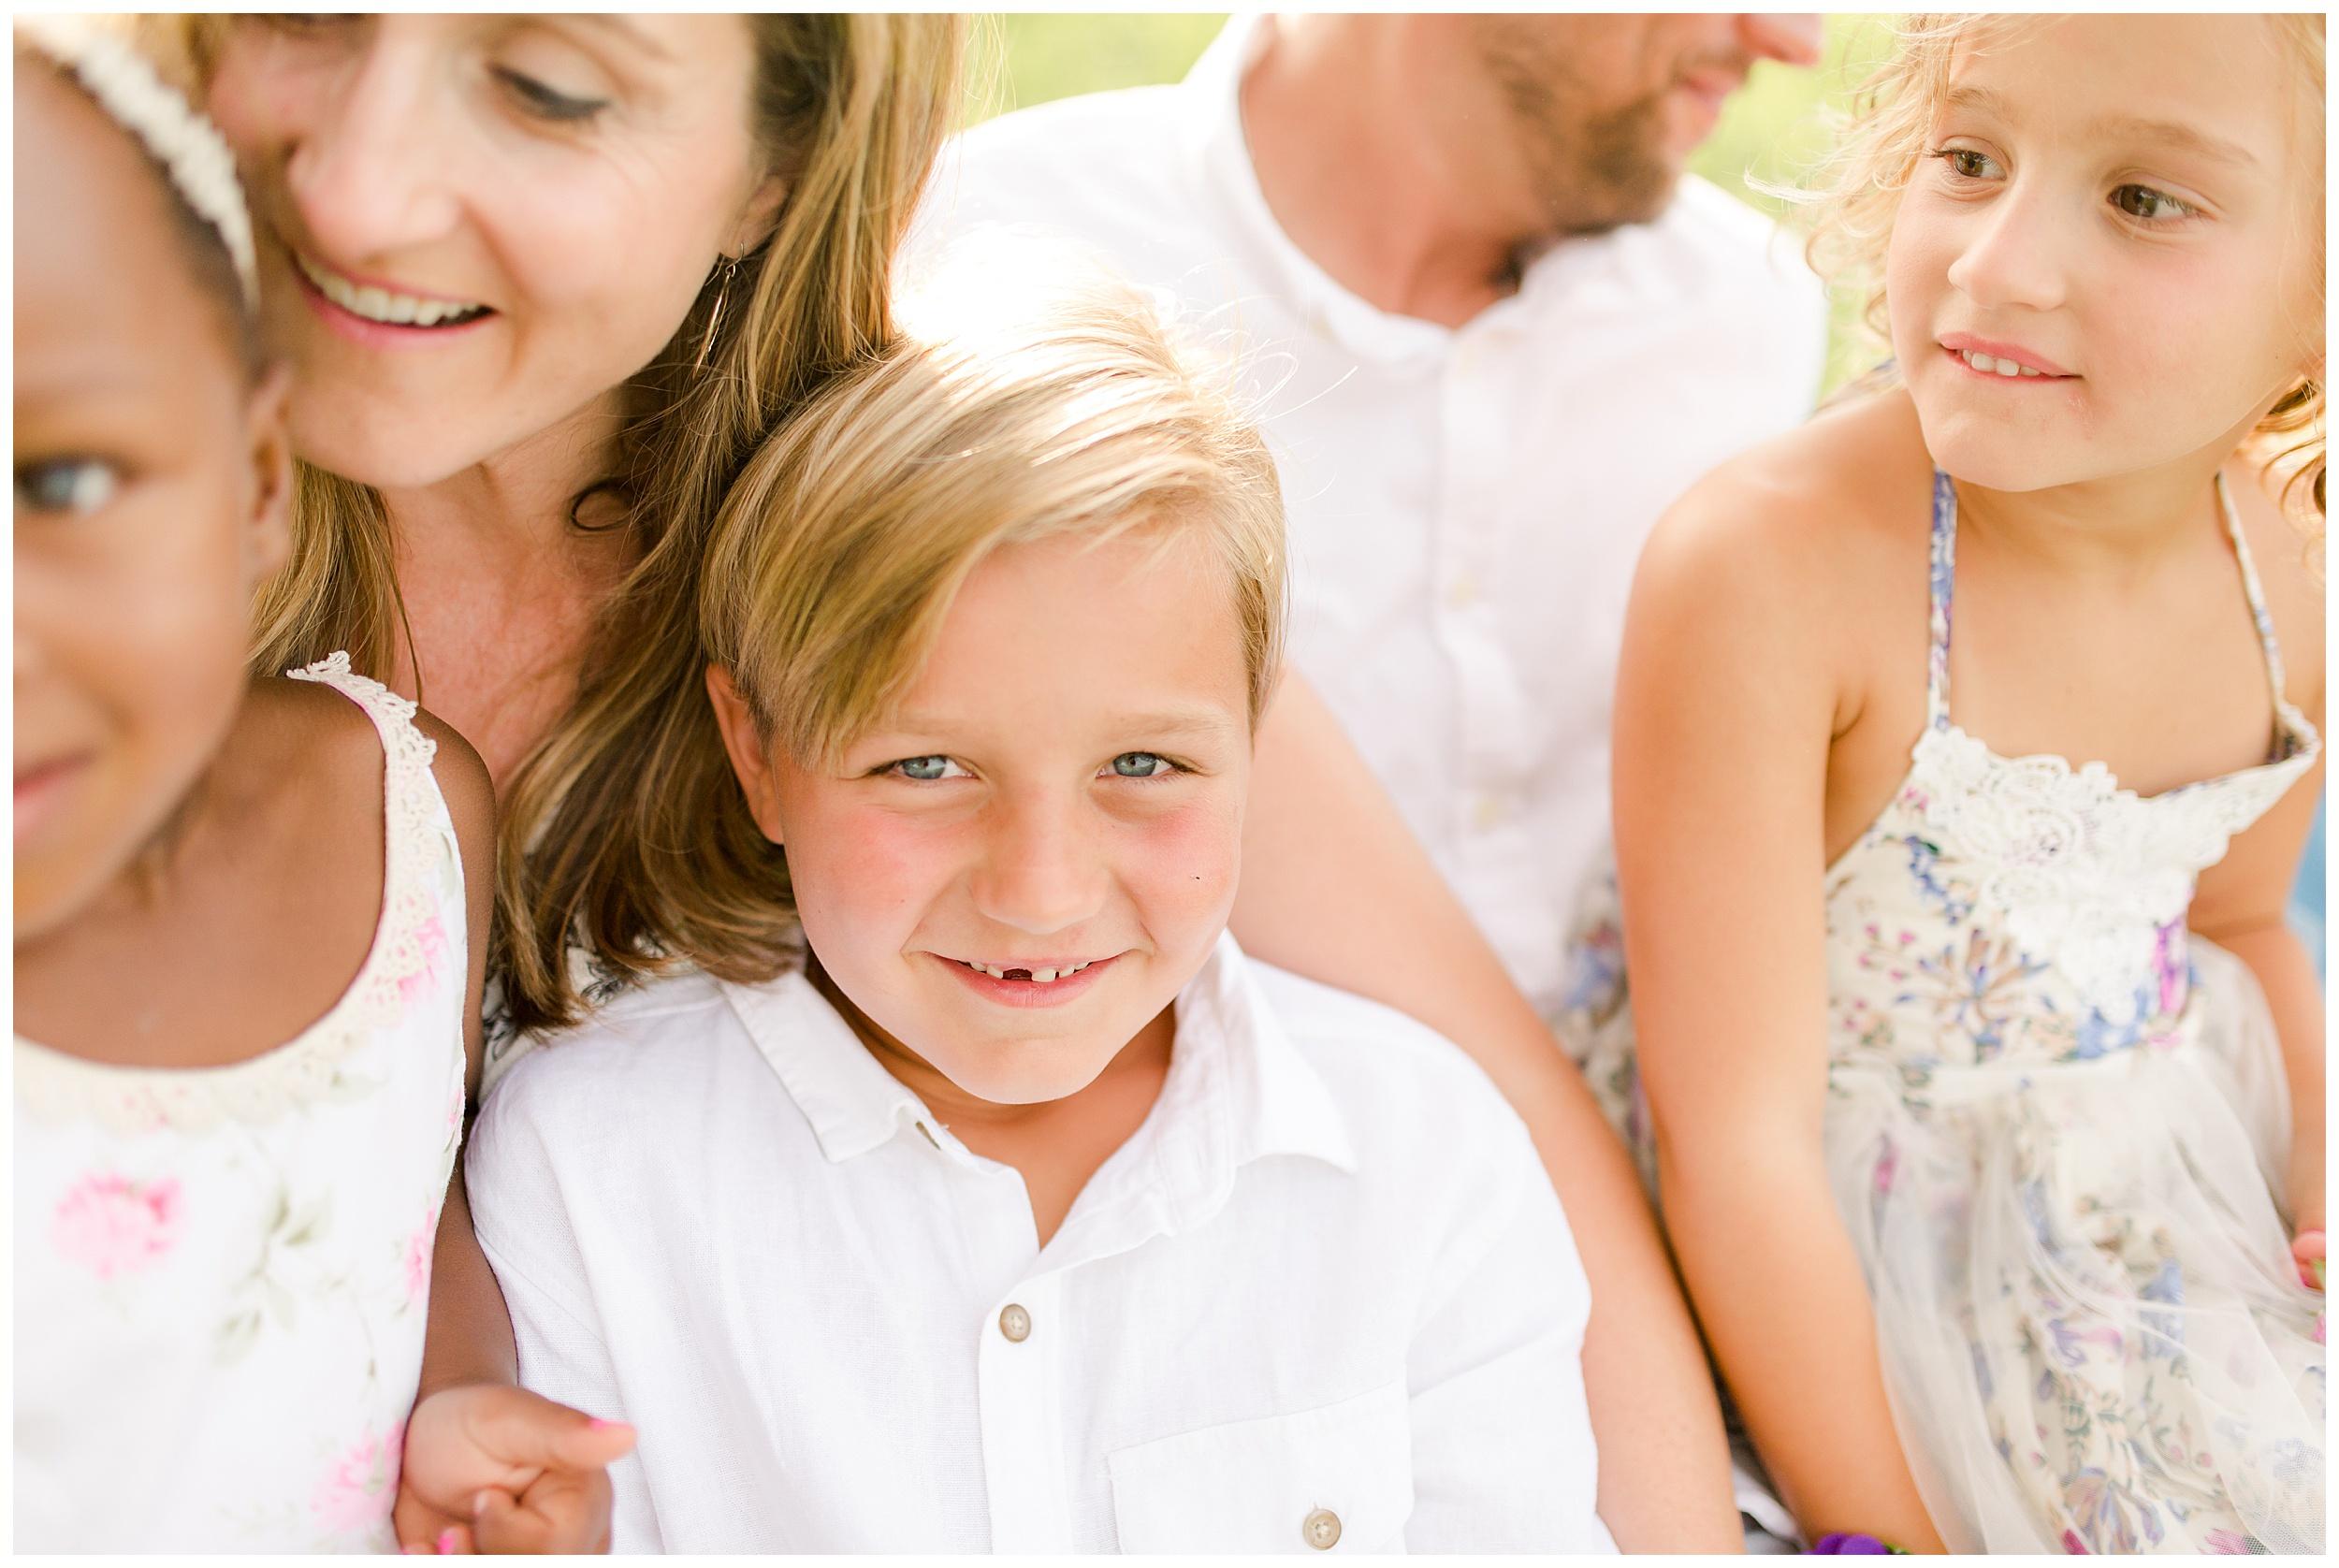 lexington-ky-family-lifestyle-photographer-priscilla-baierlein_1292.jpg